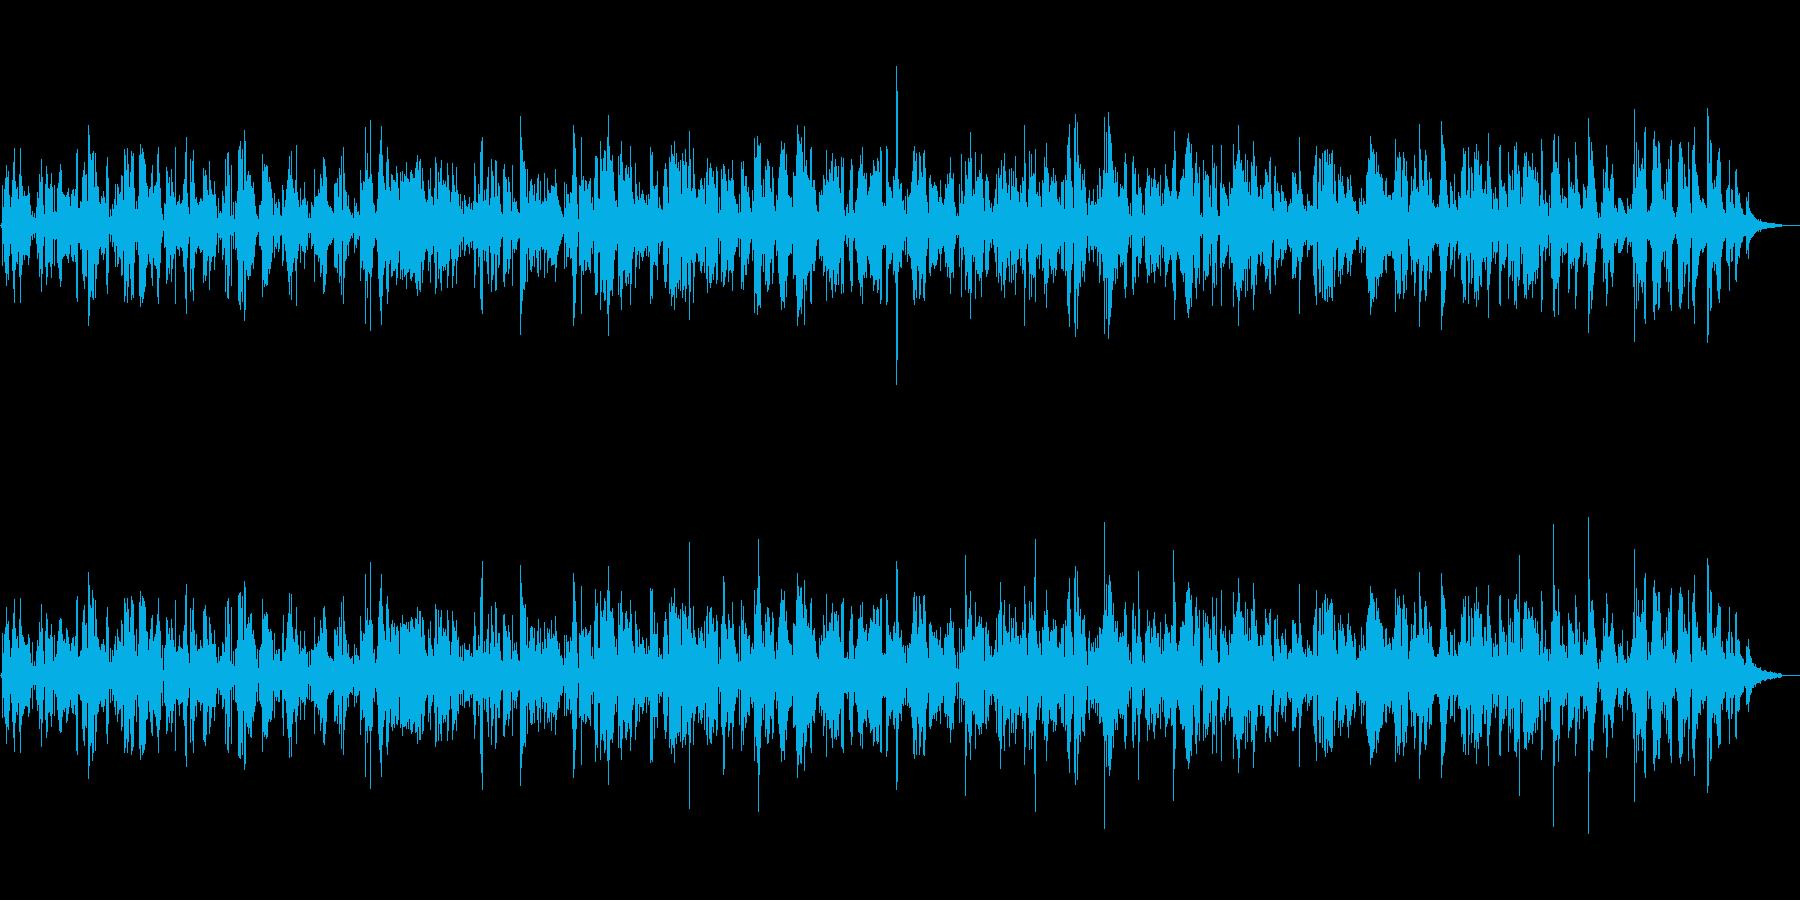 大人の色気漂うジャズサックスBGMの再生済みの波形